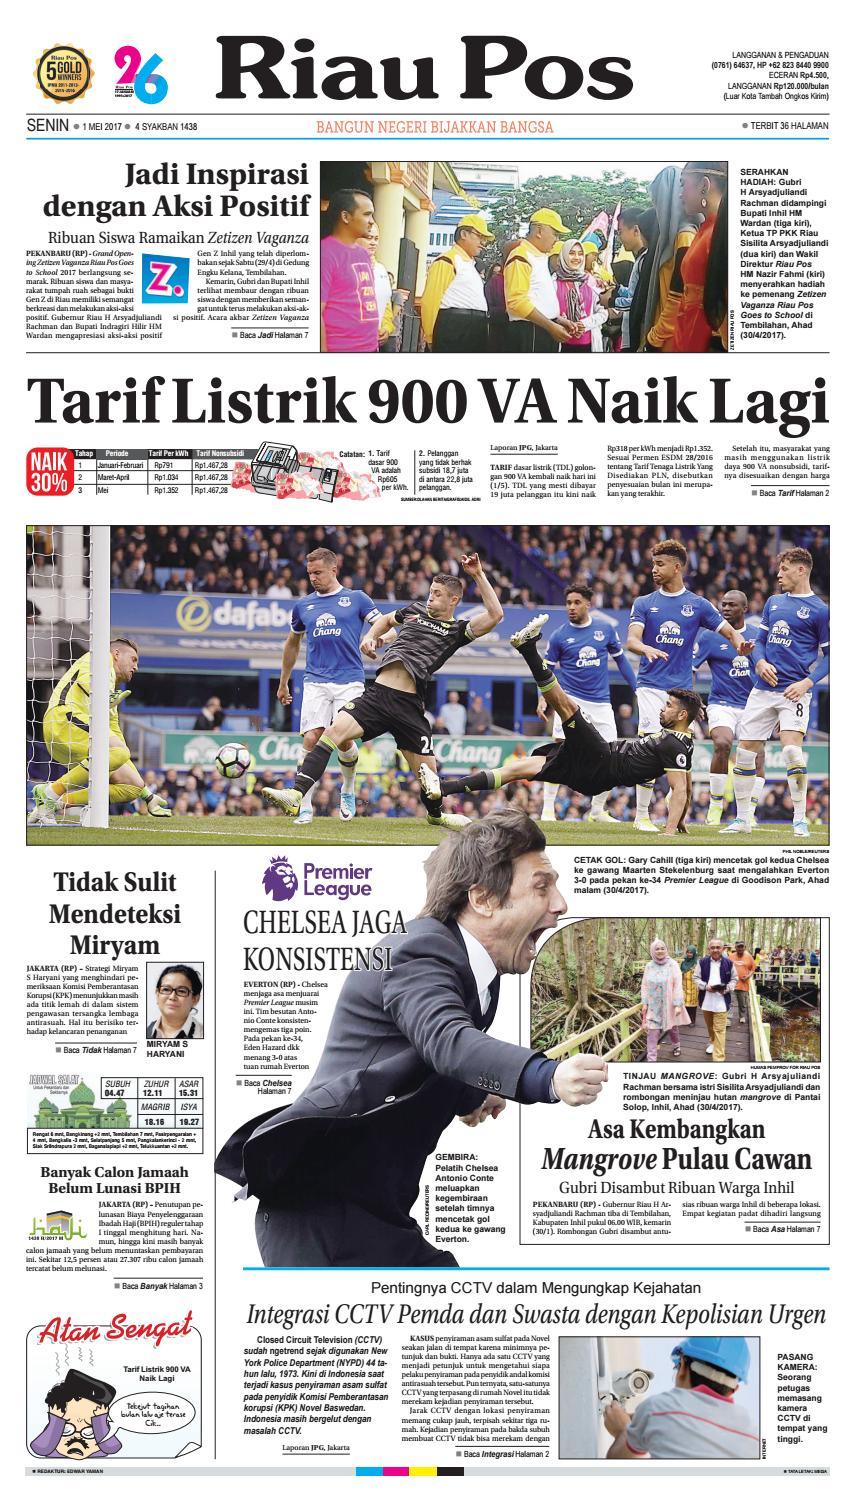 2017 05 01 By Riau Pos Issuu Produk Ukm Bumn Keset Our House